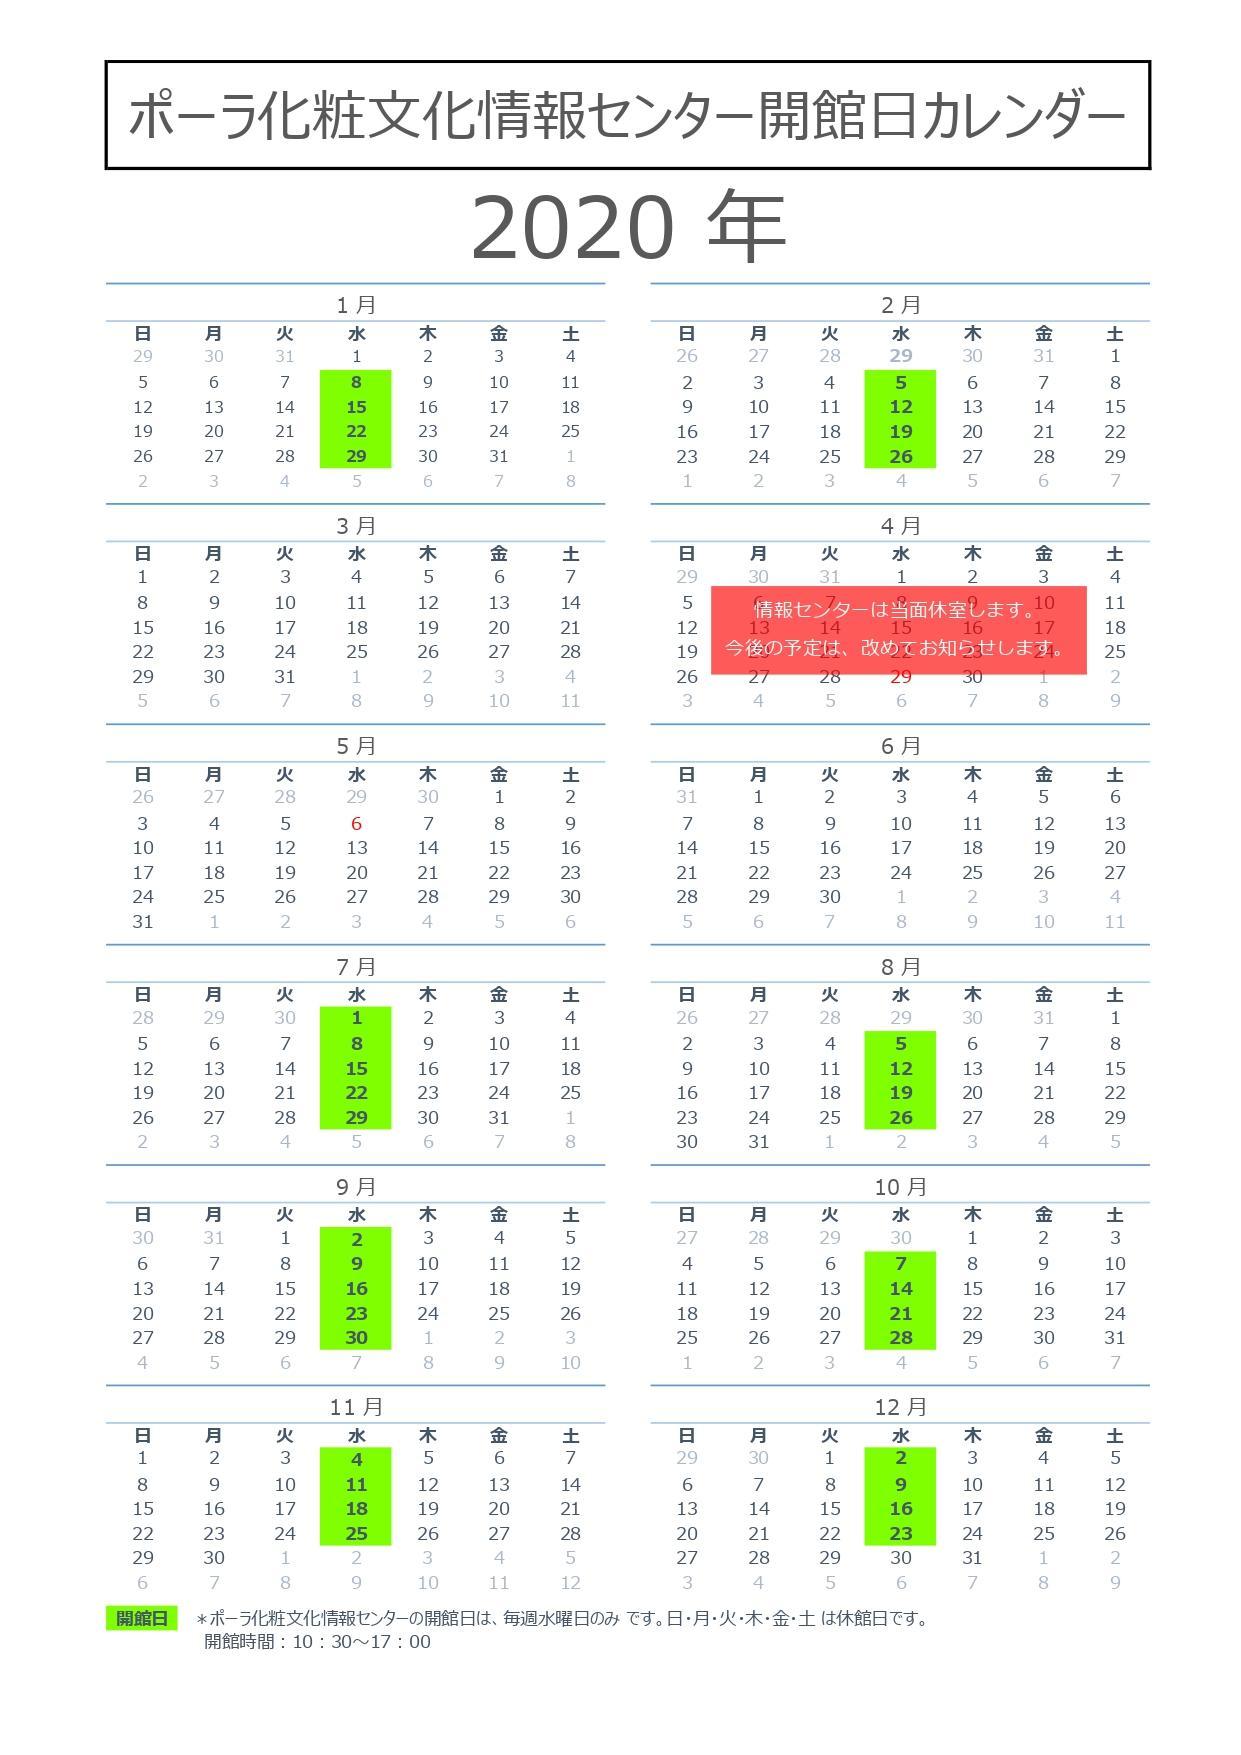 calendar_202006.jpg